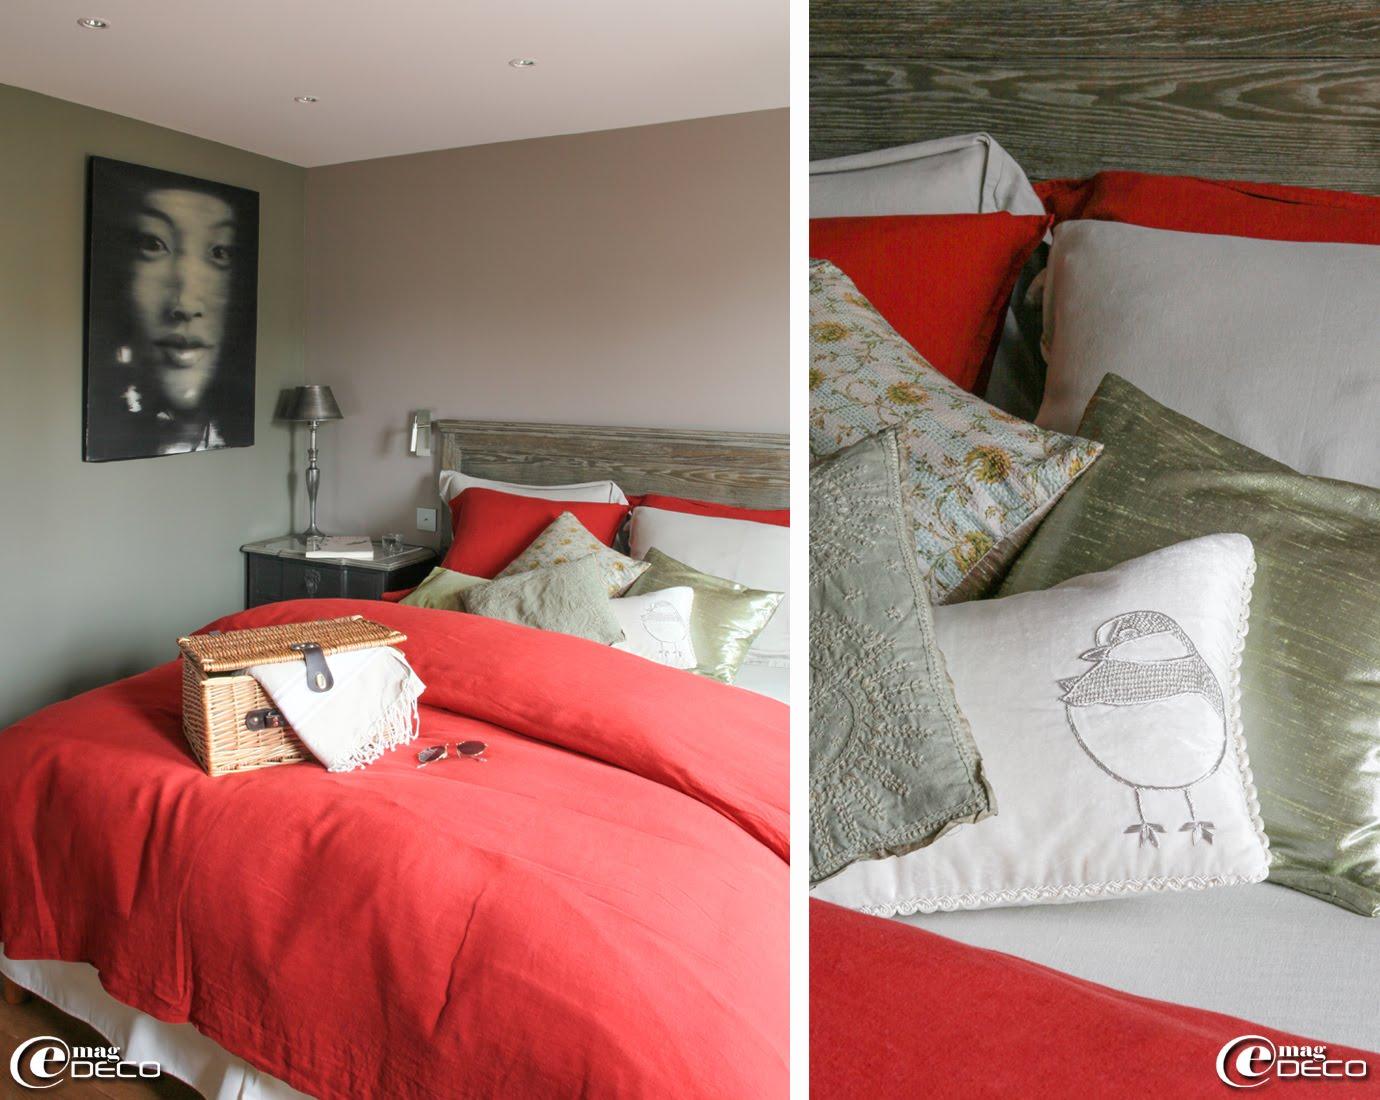 Dans une chambre de la maison d'hôtes 'Le Cottage', mobilier 'Blanc d'Ivoire' et toile de Philippe Brosse, coussins et linge de lit 'Le Monde Sauvage'